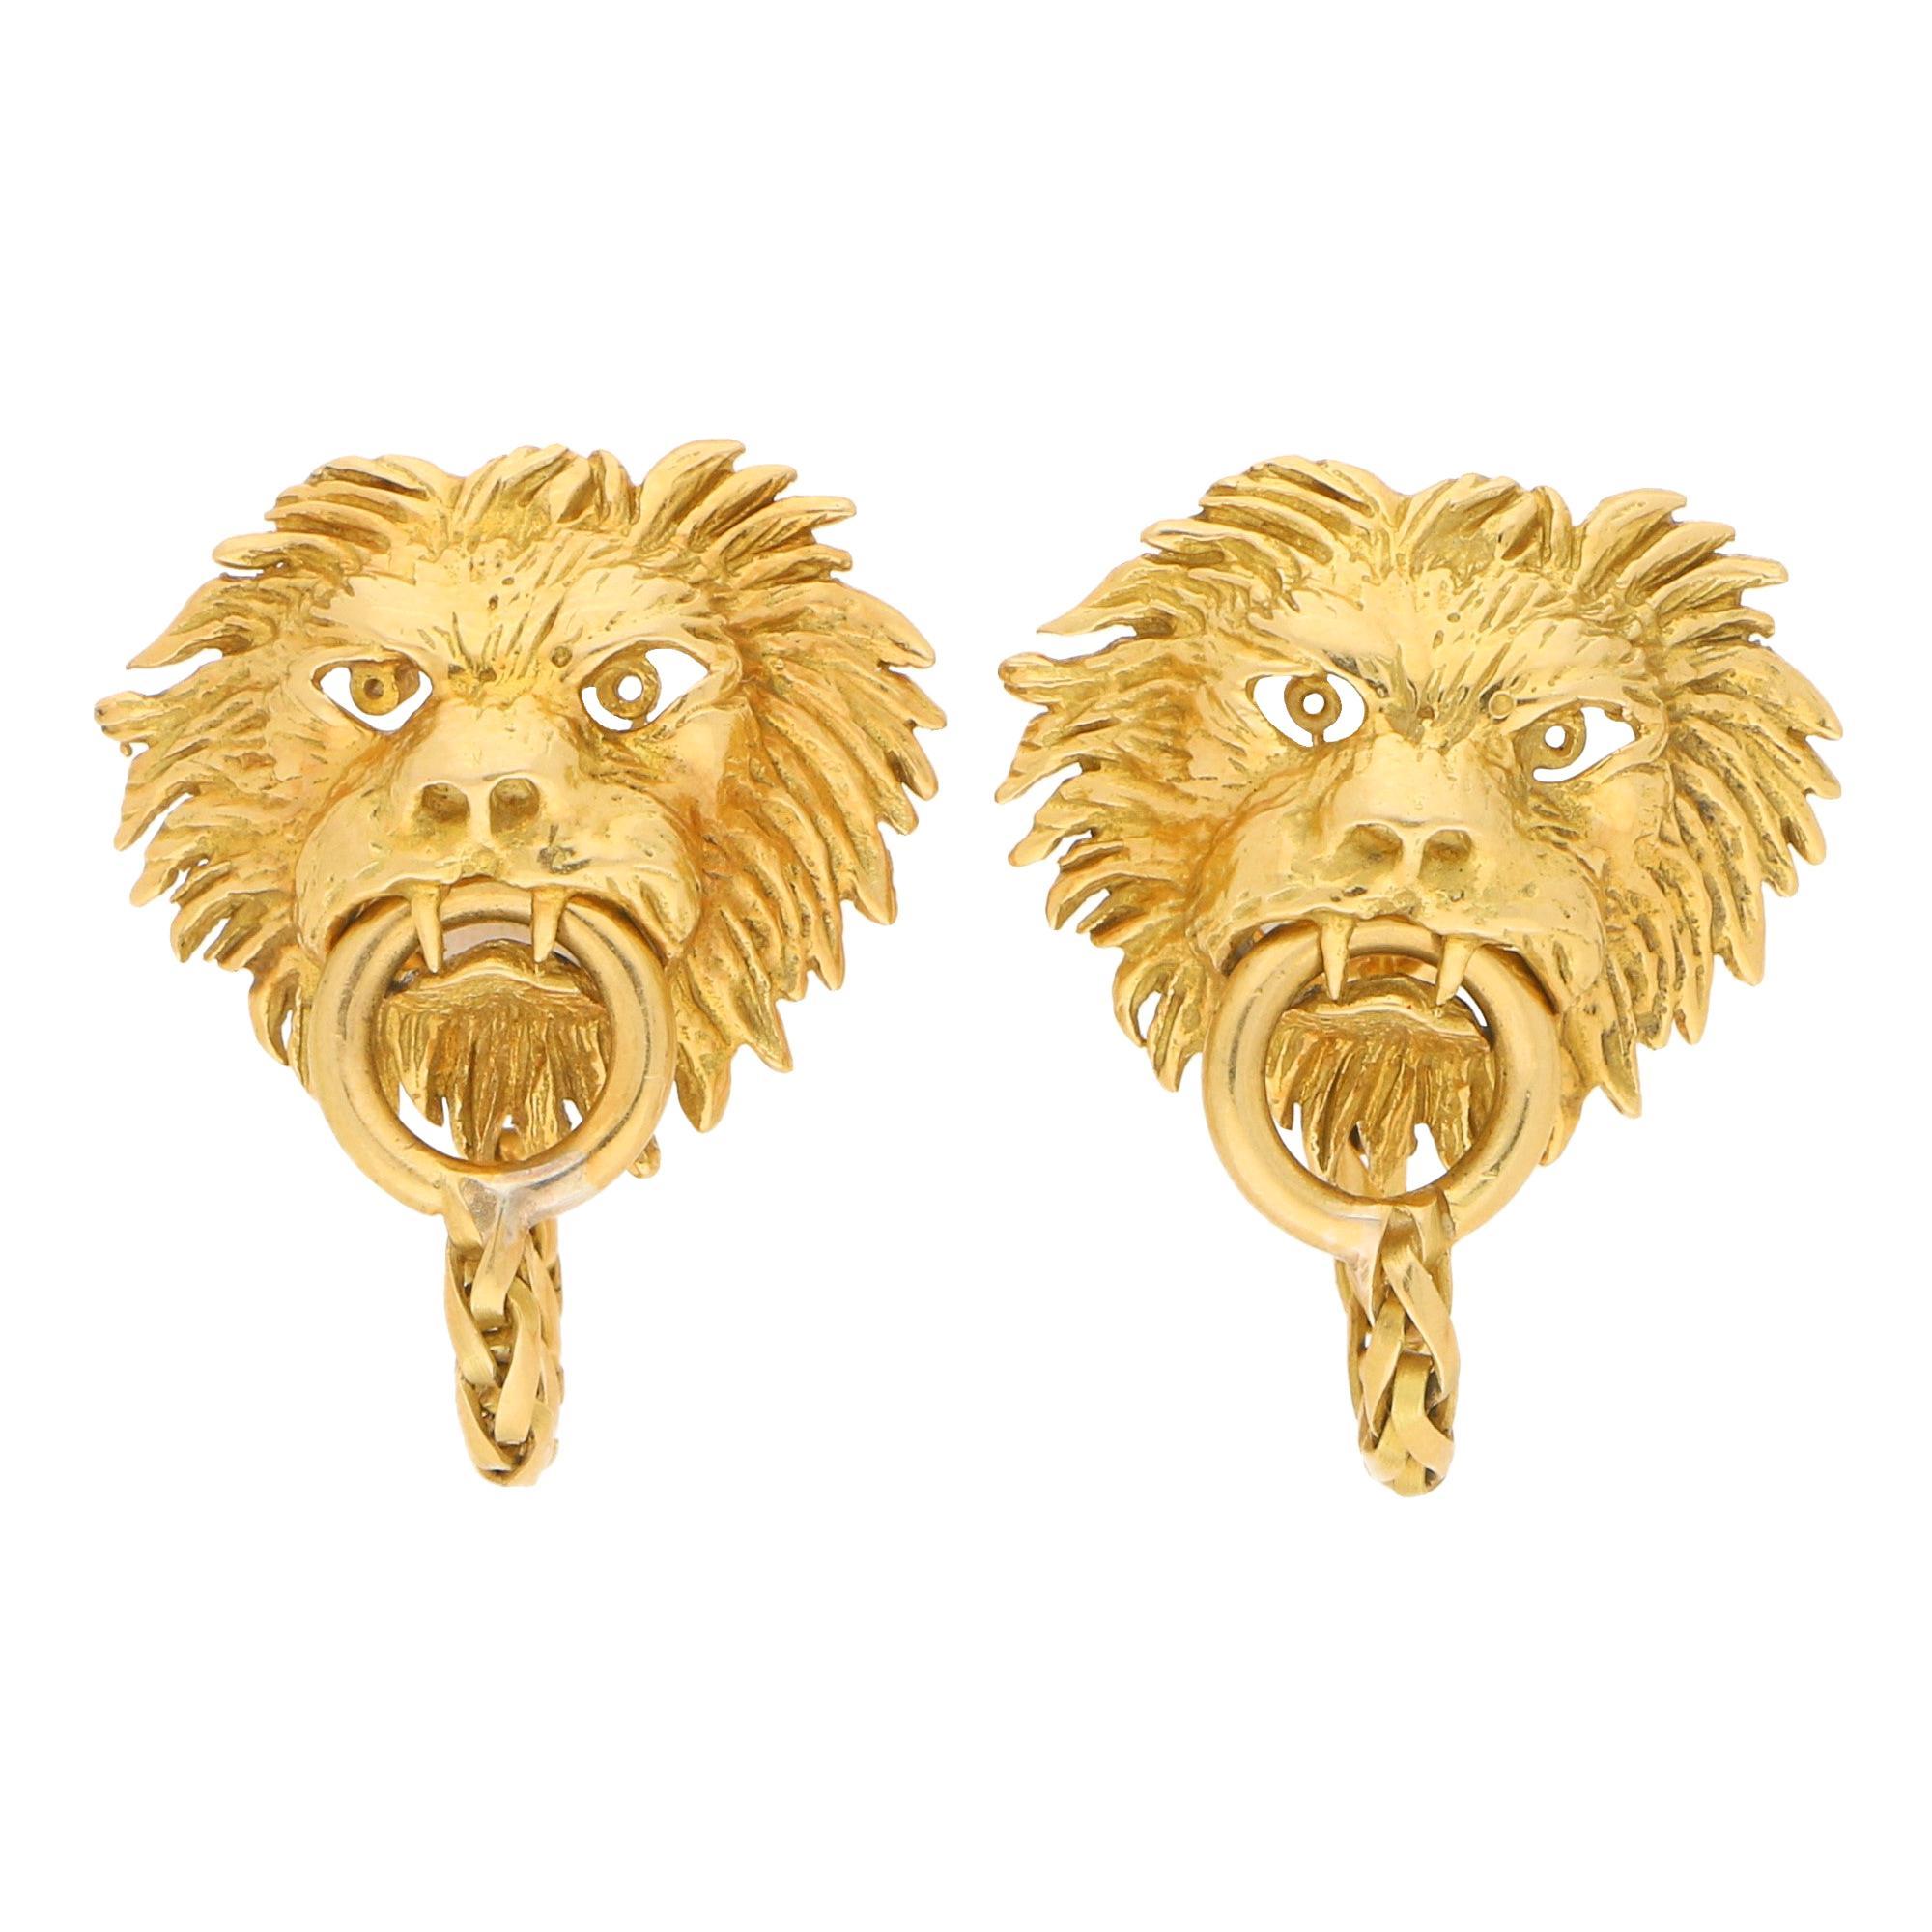 Boucheron Lion Door Knocker Cufflinks in 18 Carat Yellow Gold